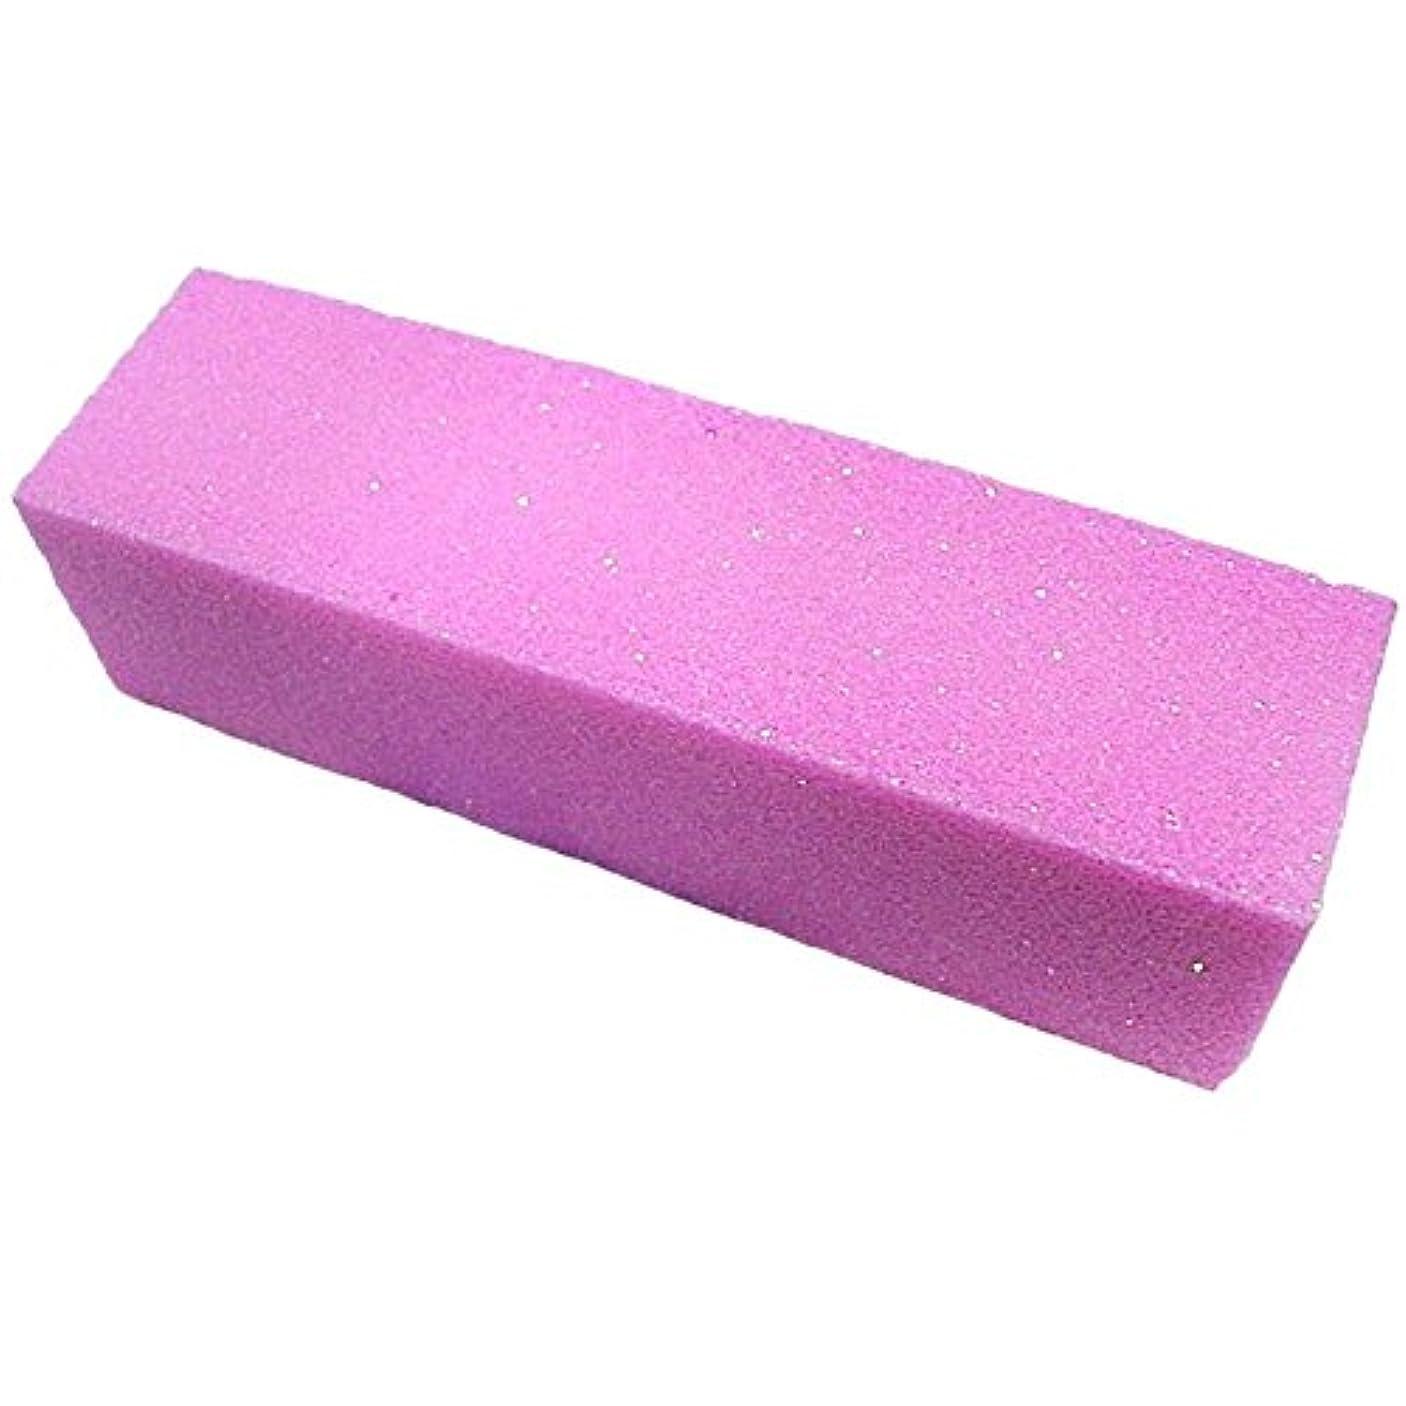 ディーラー成熟自己Nrpfell 10xピンク色のバッファバフサンディングブロックファイル マニキュアペディキュア ネイルアートの為